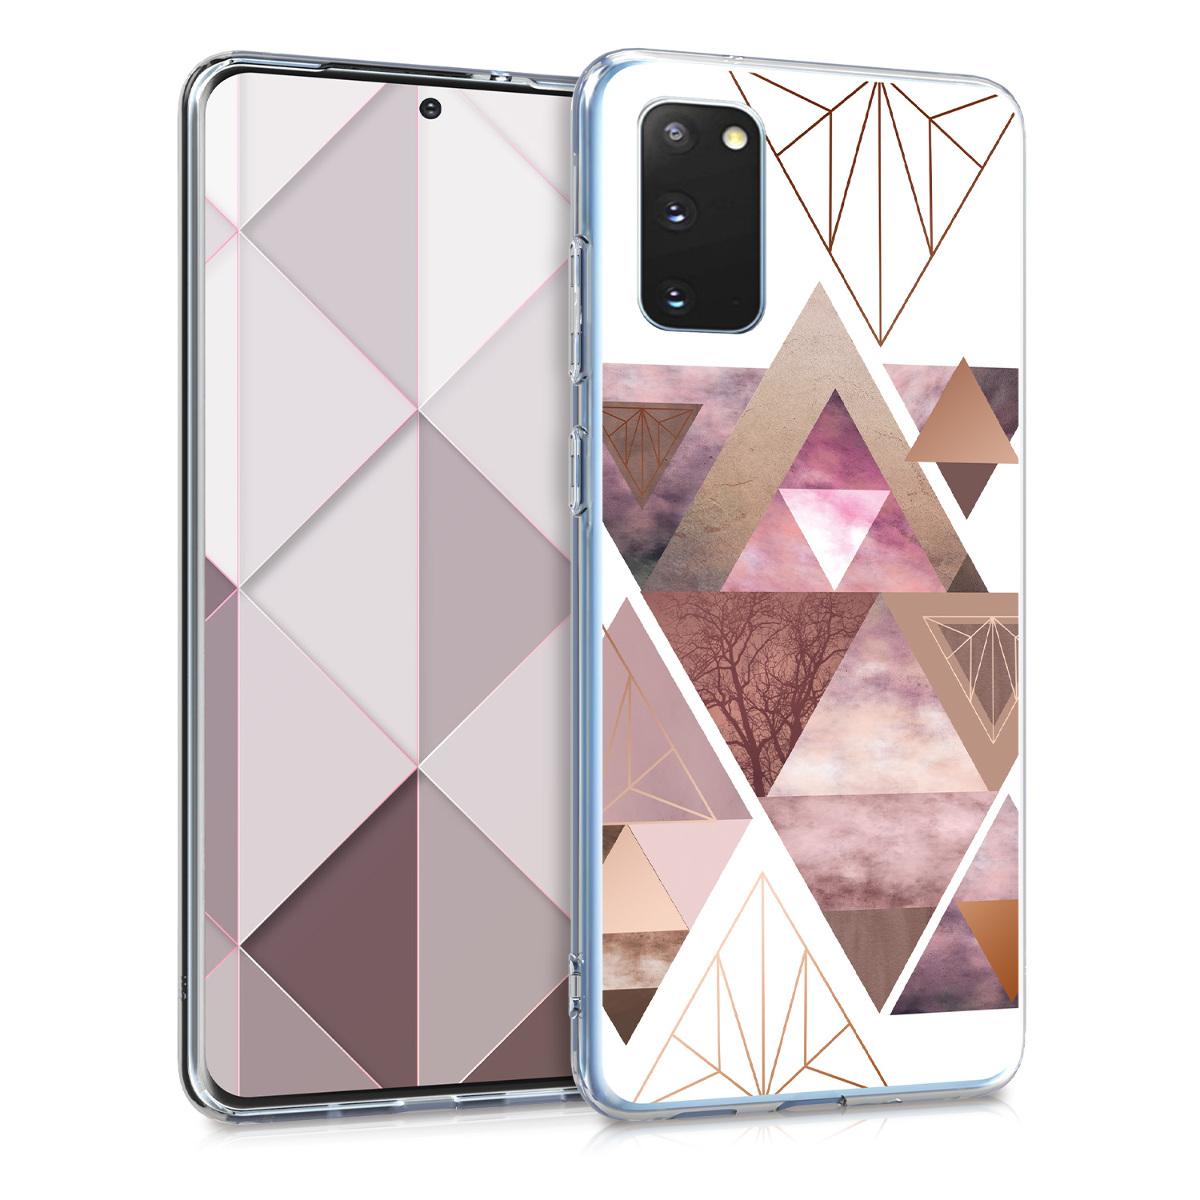 Silikonové pouzdro / obal pro Samsung S20 s motivem mozaiky a trojúhelniky